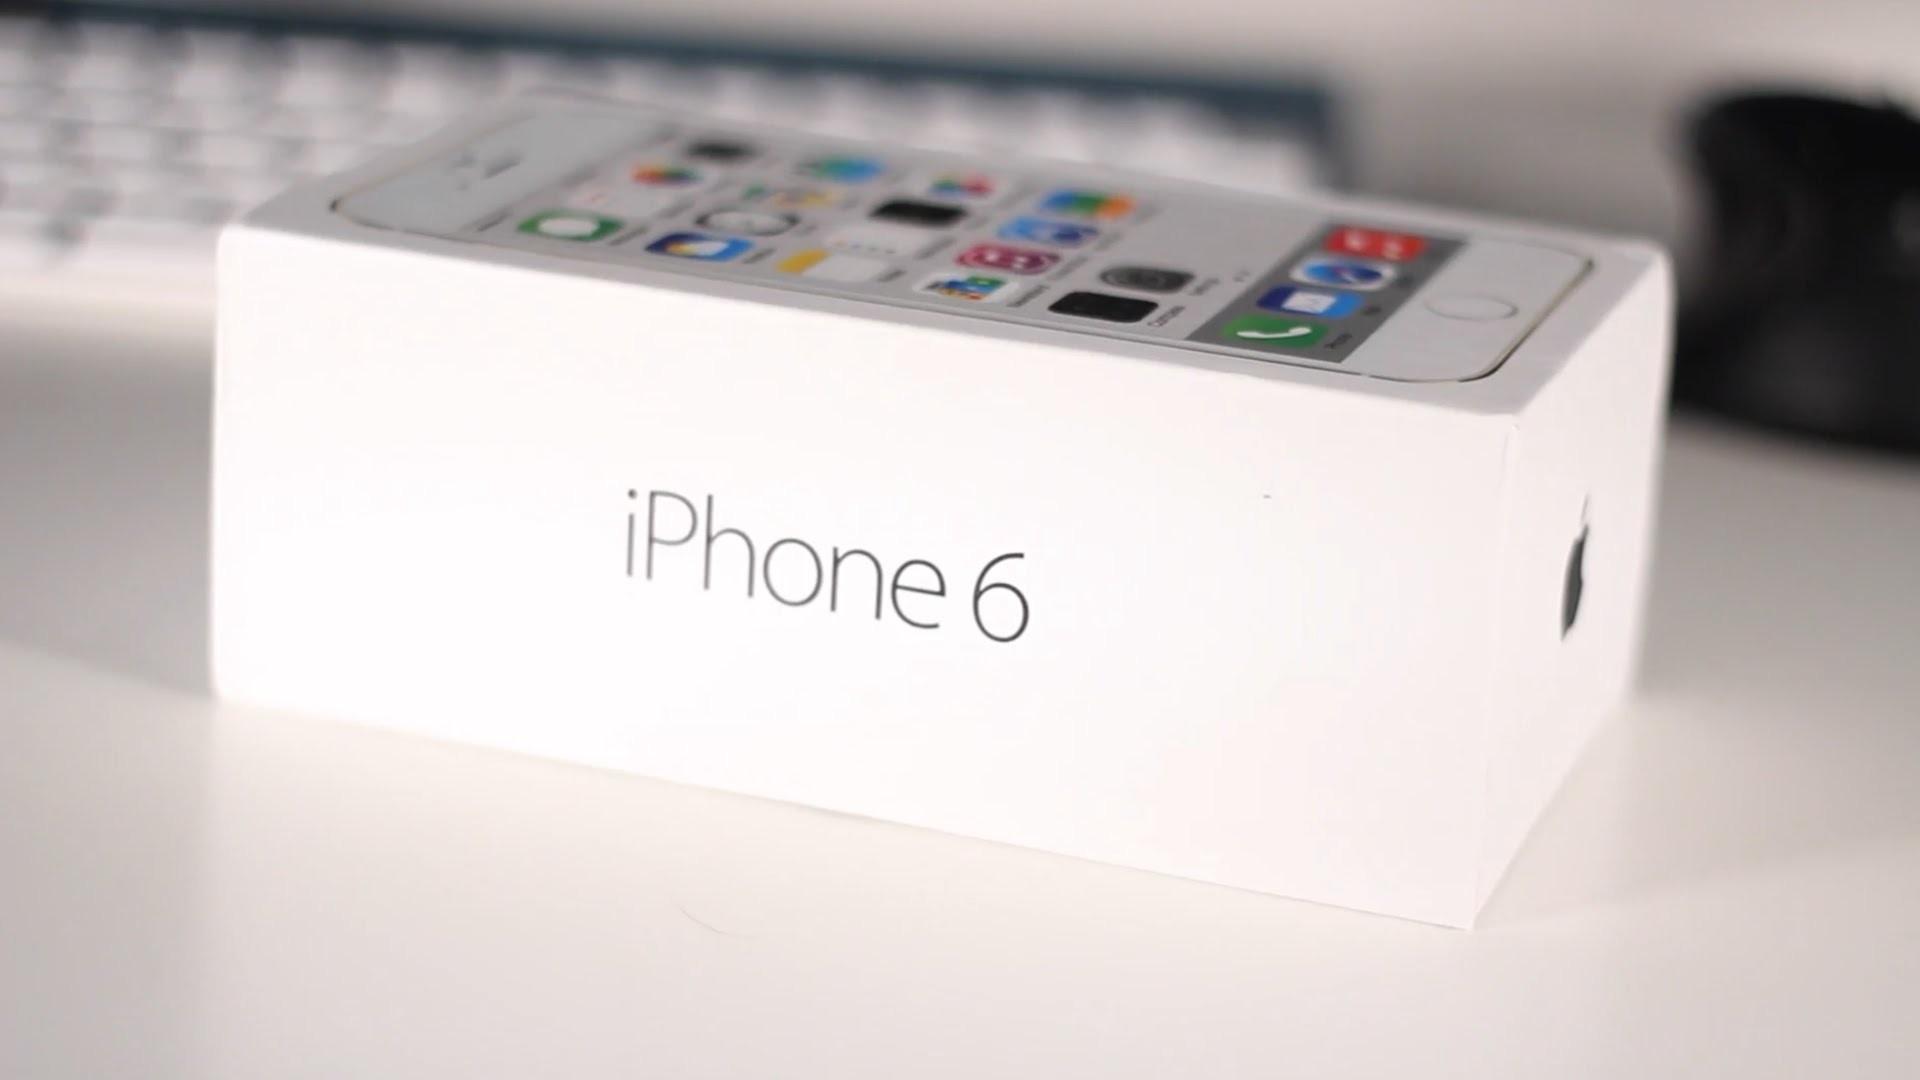 Гражданин Сыктывкара получил кусок дерева вместо iPhone 6